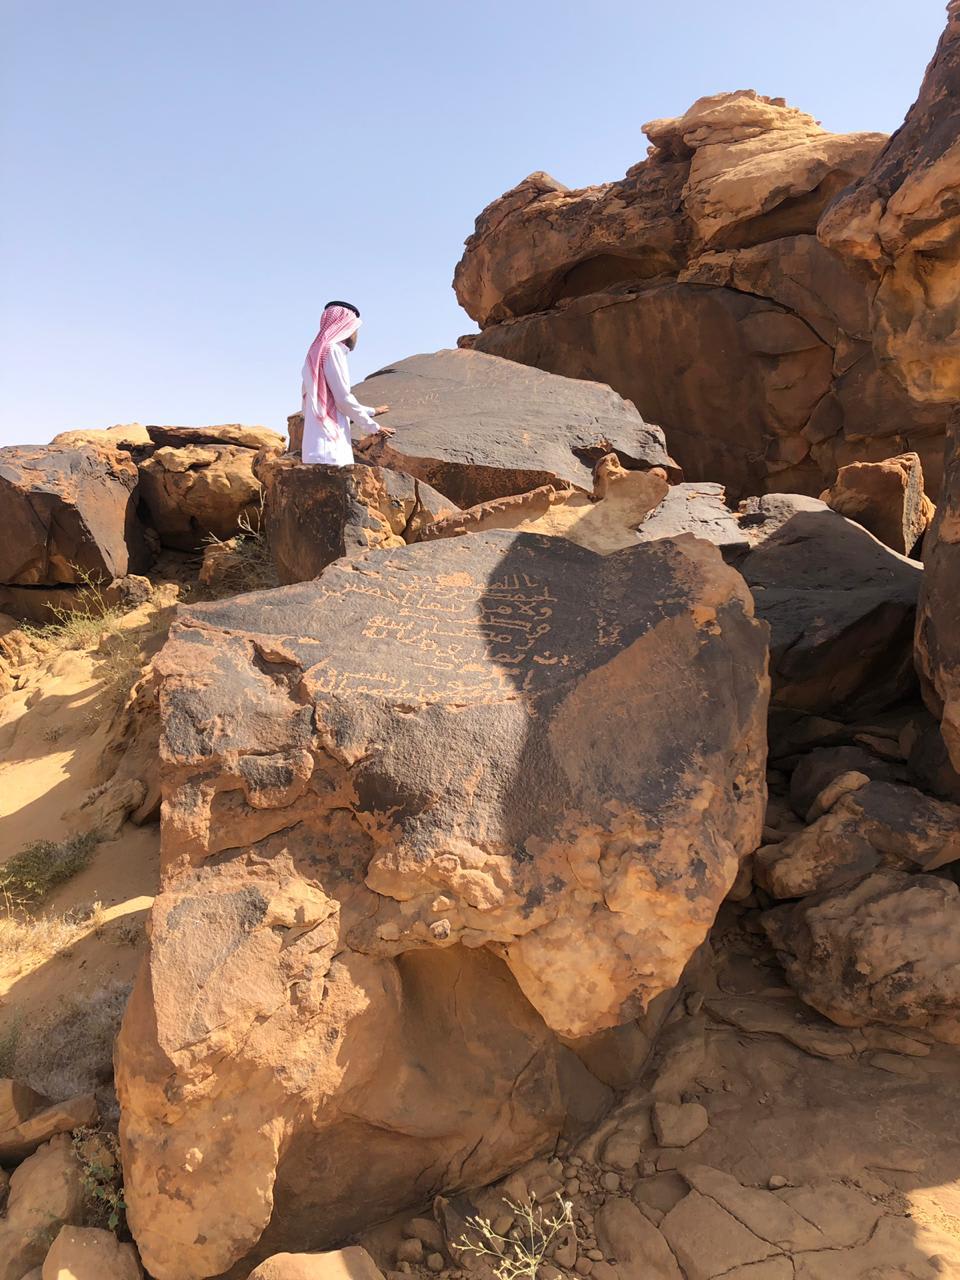 العثور على نقش تاريخي يعود لأكثر من ألف عام بالسعودية.. ما الذي كُتب فيه؟